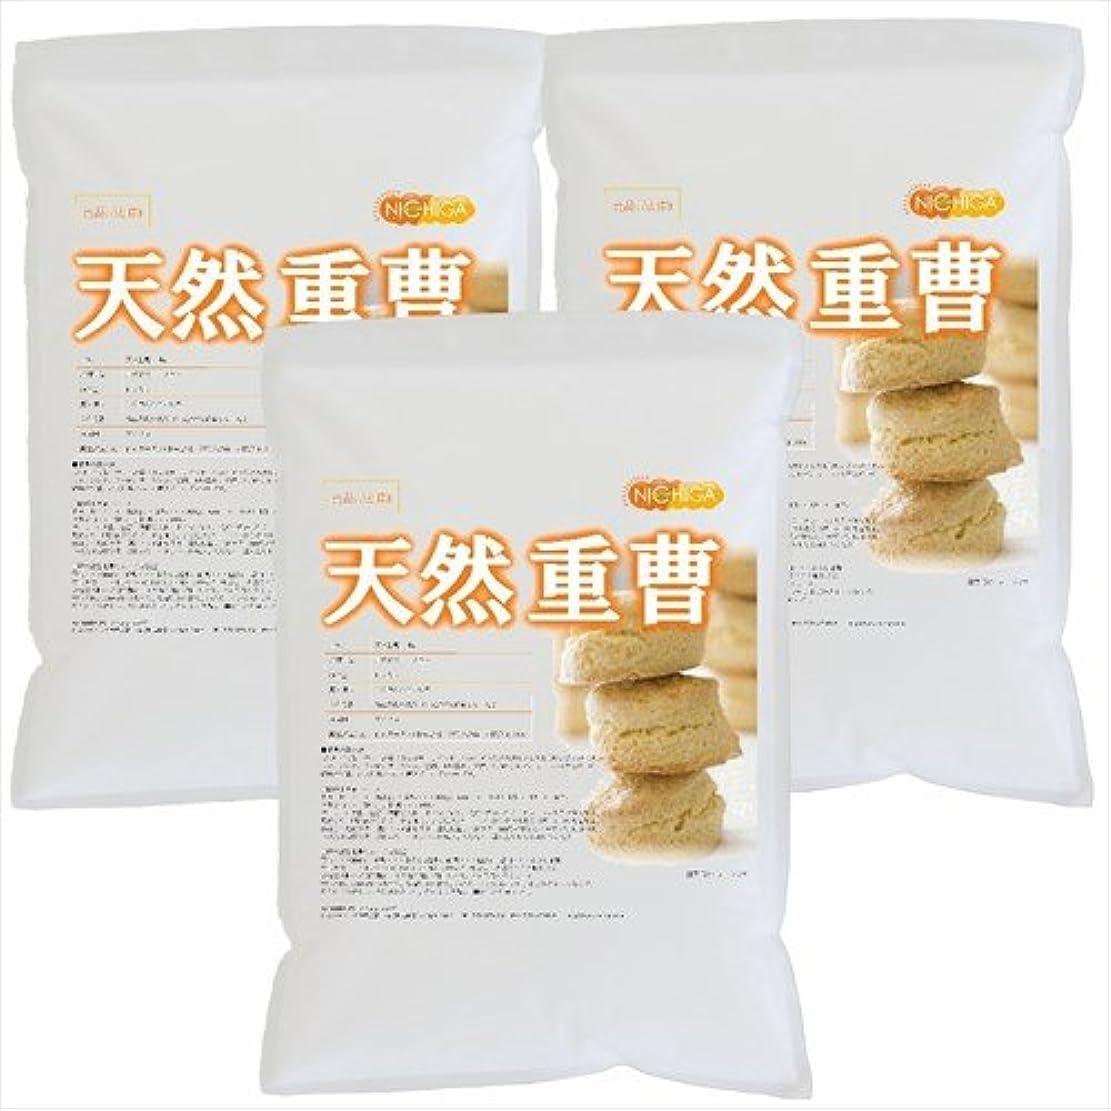 試験今晩かび臭い天然 重曹 5kg×3袋 [02] 炭酸水素ナトリウム 食品添加物(食品用)NICHIGA(ニチガ)